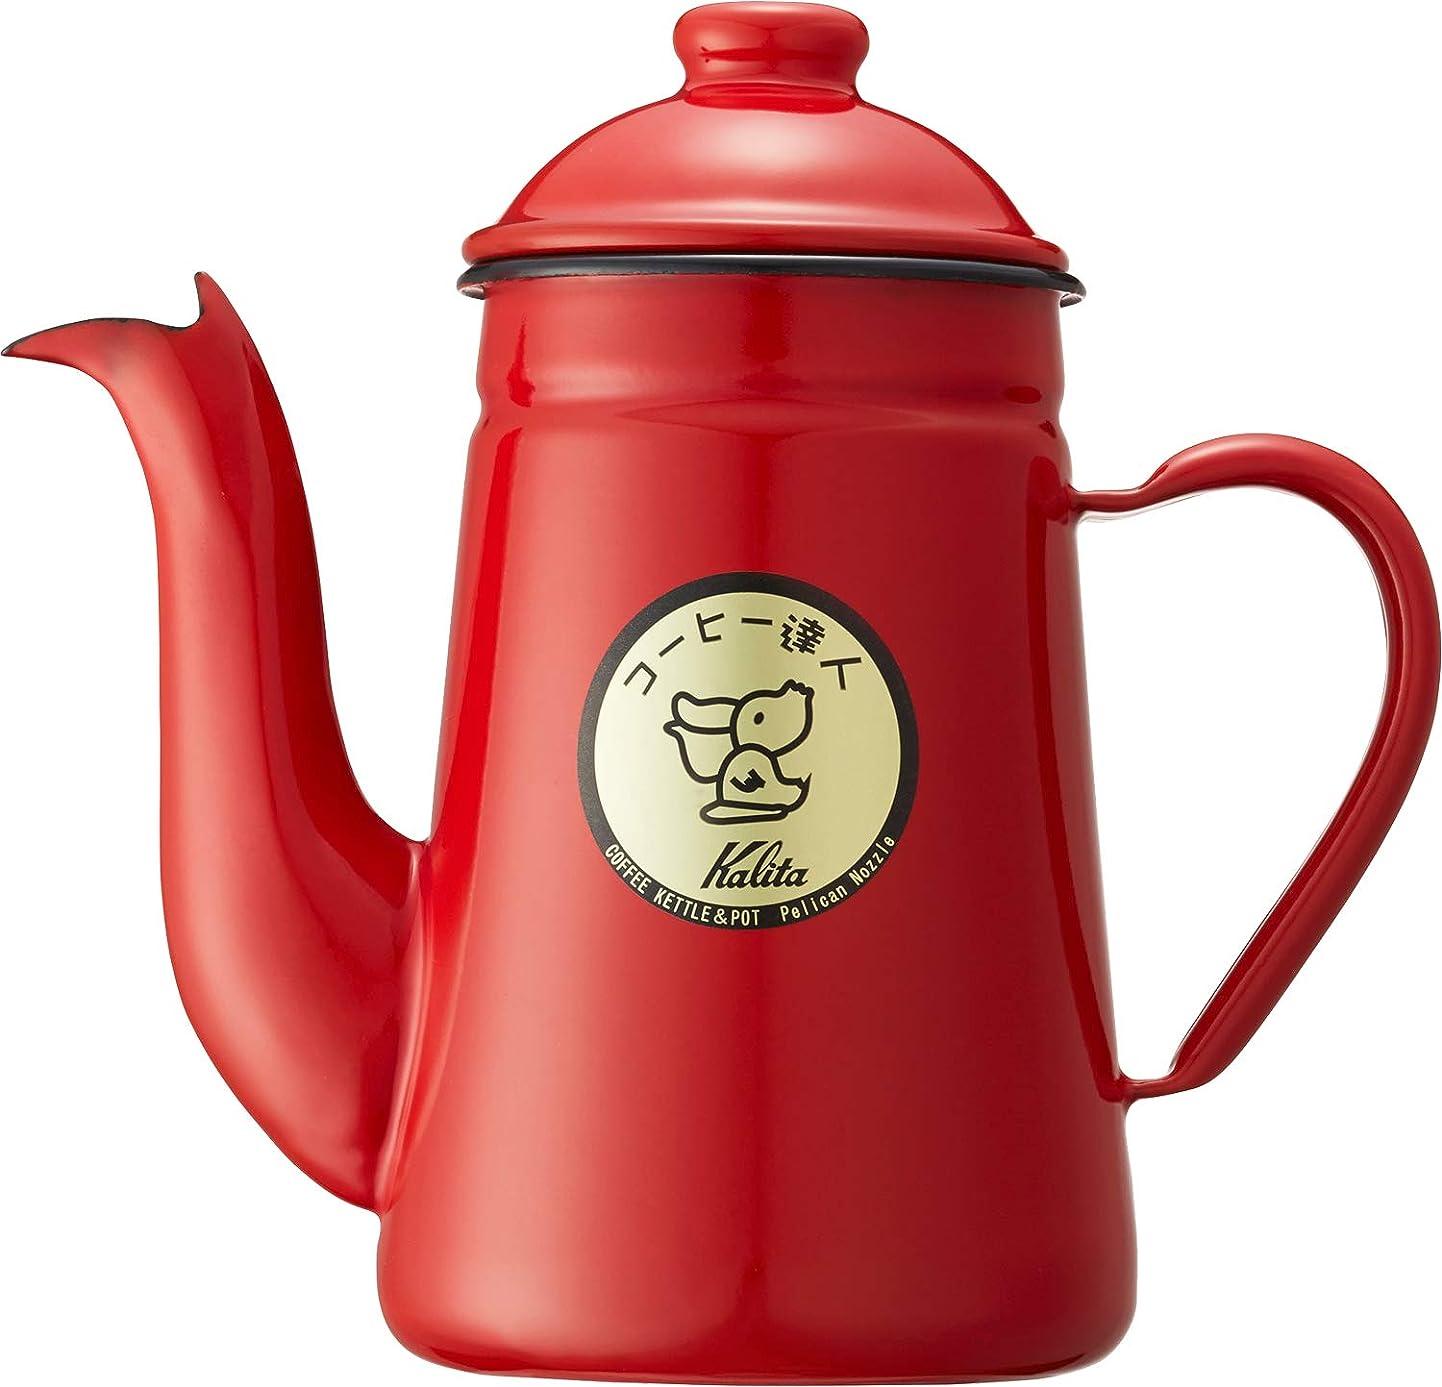 無視できる沿って使い込むカリタ コーヒーポット ホーロー製 コーヒ-達人 ペリカン 1L レッド #52123